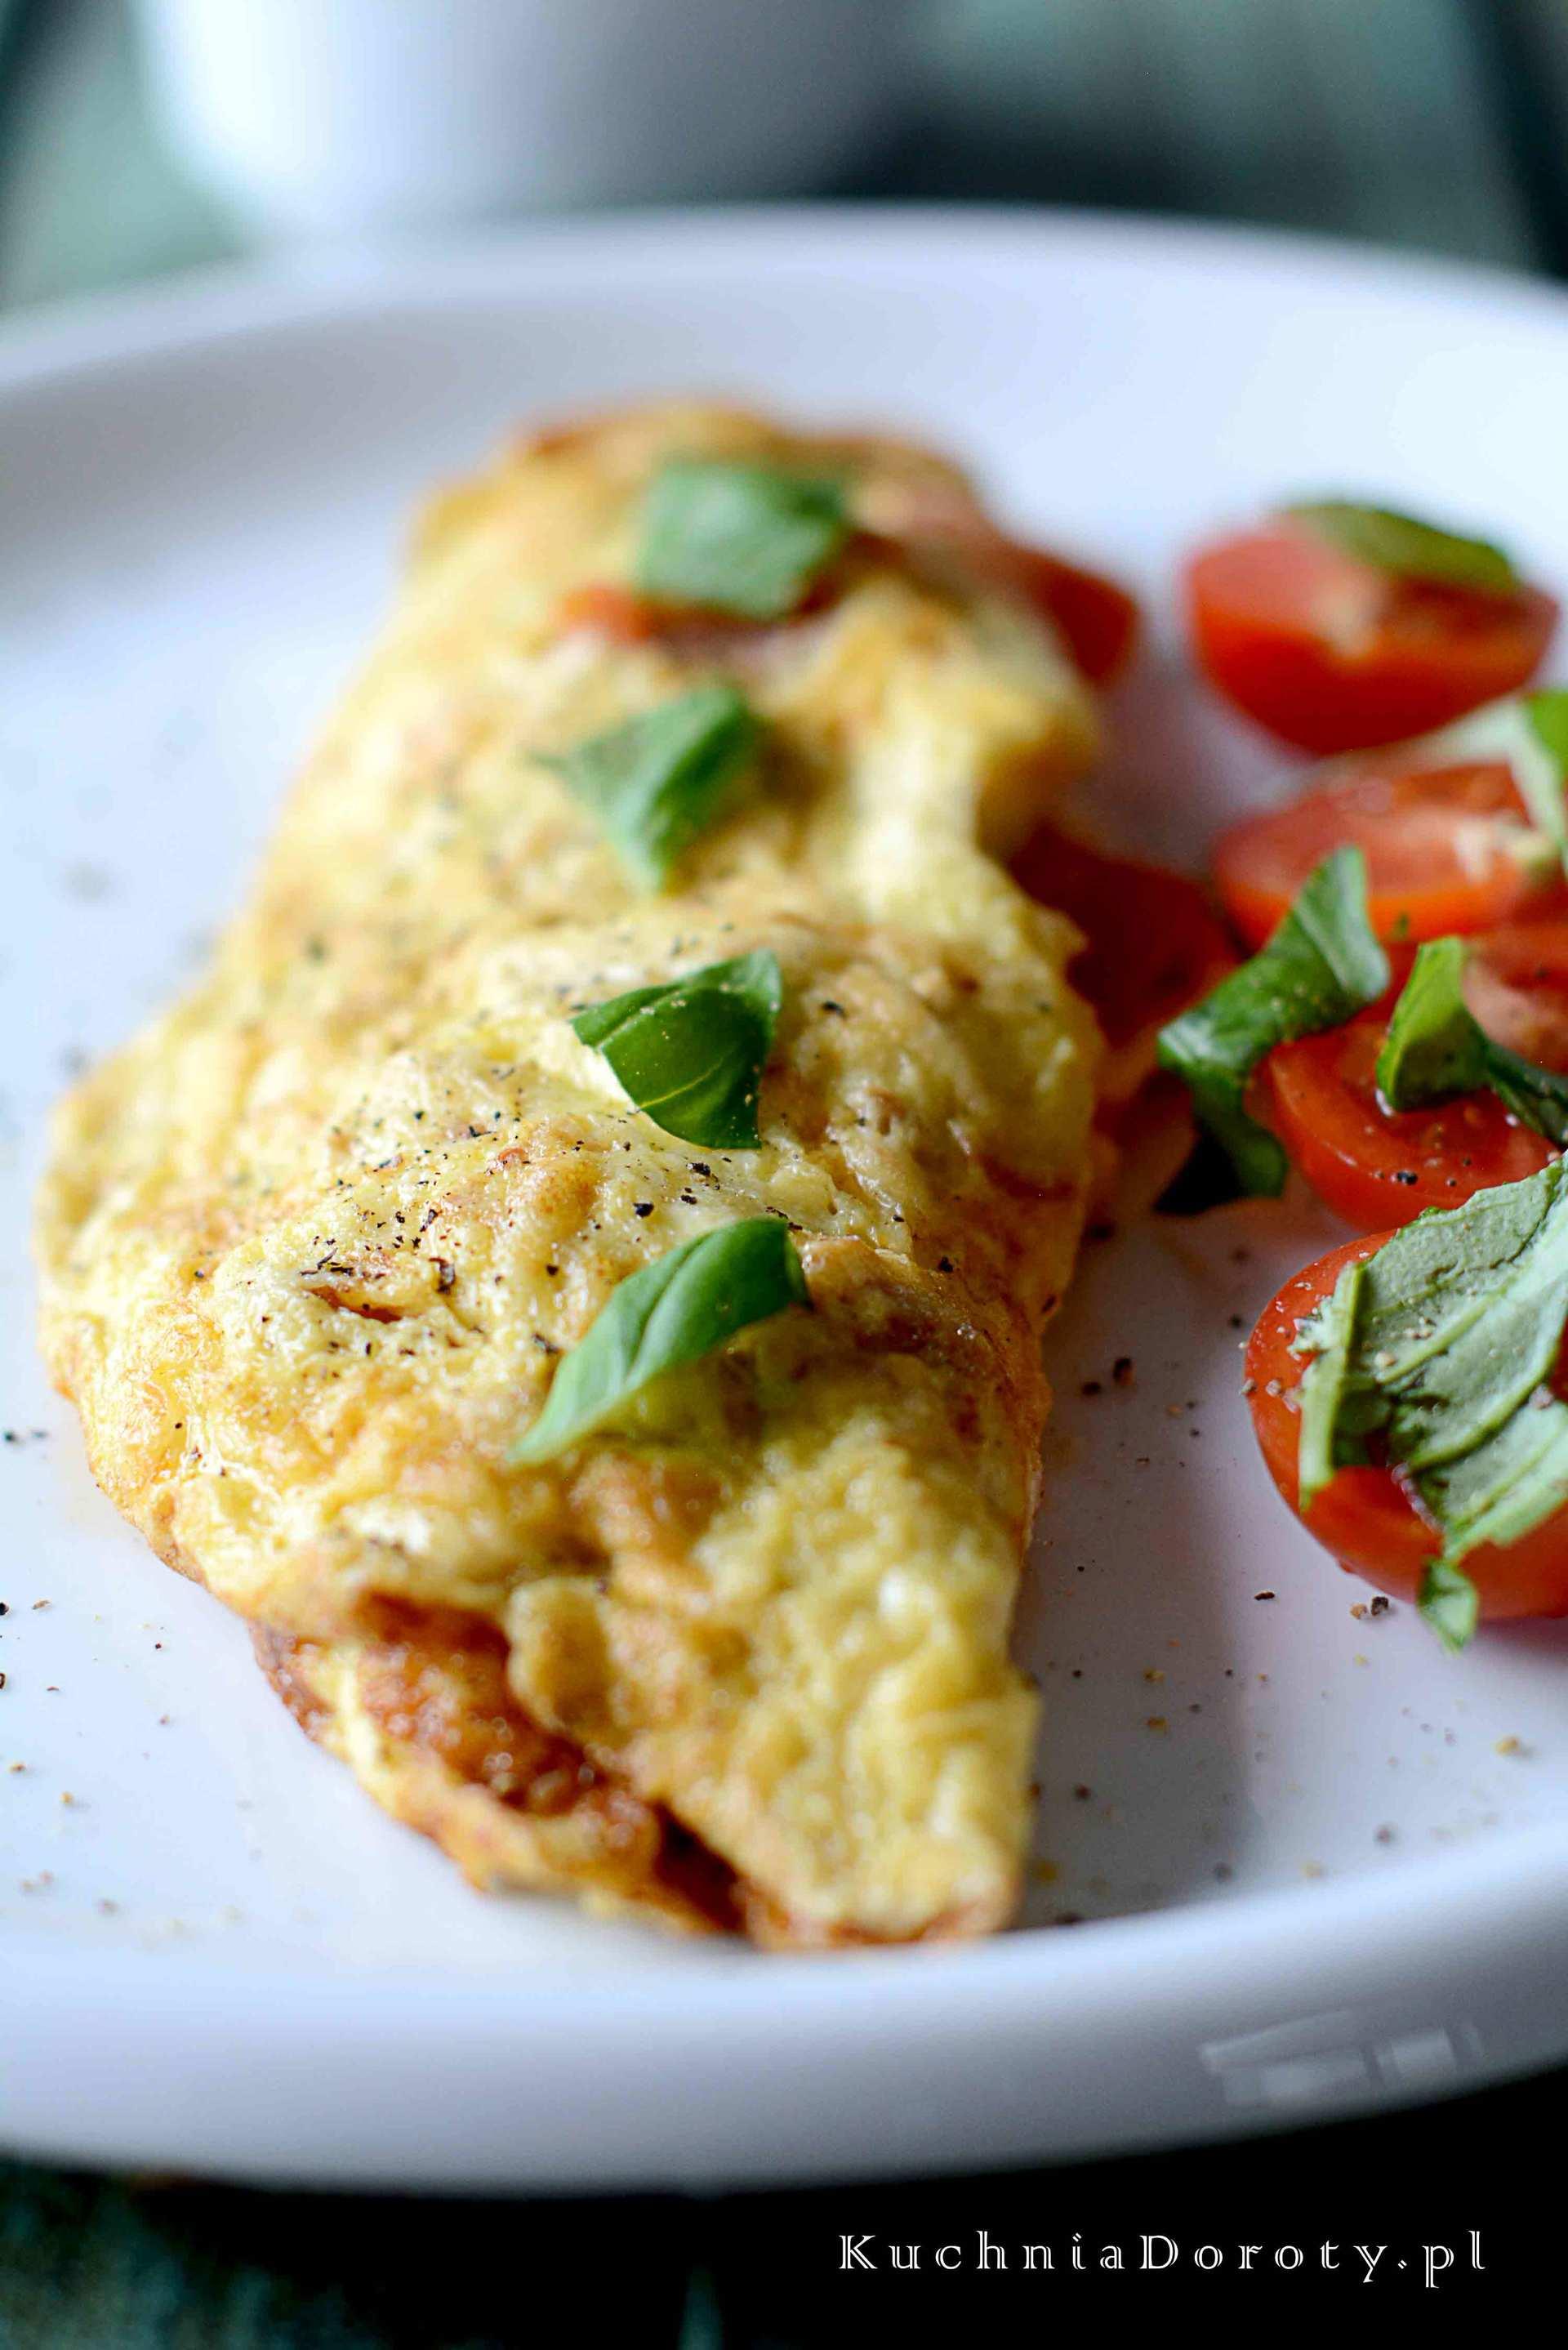 Omlet zPomidorami